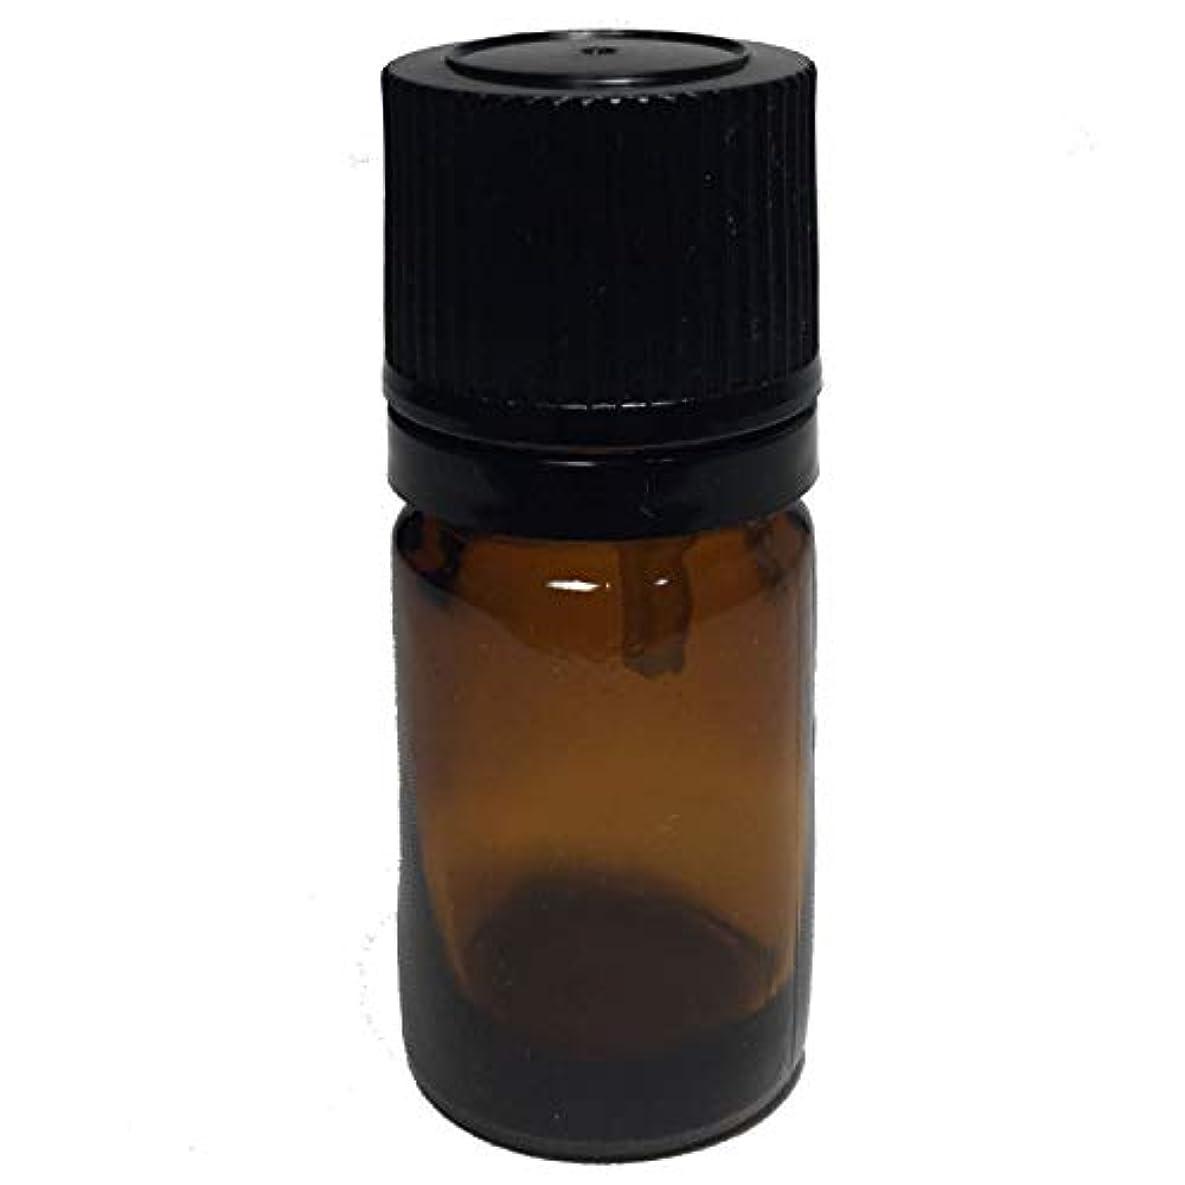 中に魔女エラーエッセンシャルオイル用茶色遮光瓶 ドロッパー付き(黒キャップ) 5ml ガラスビン 10本セット